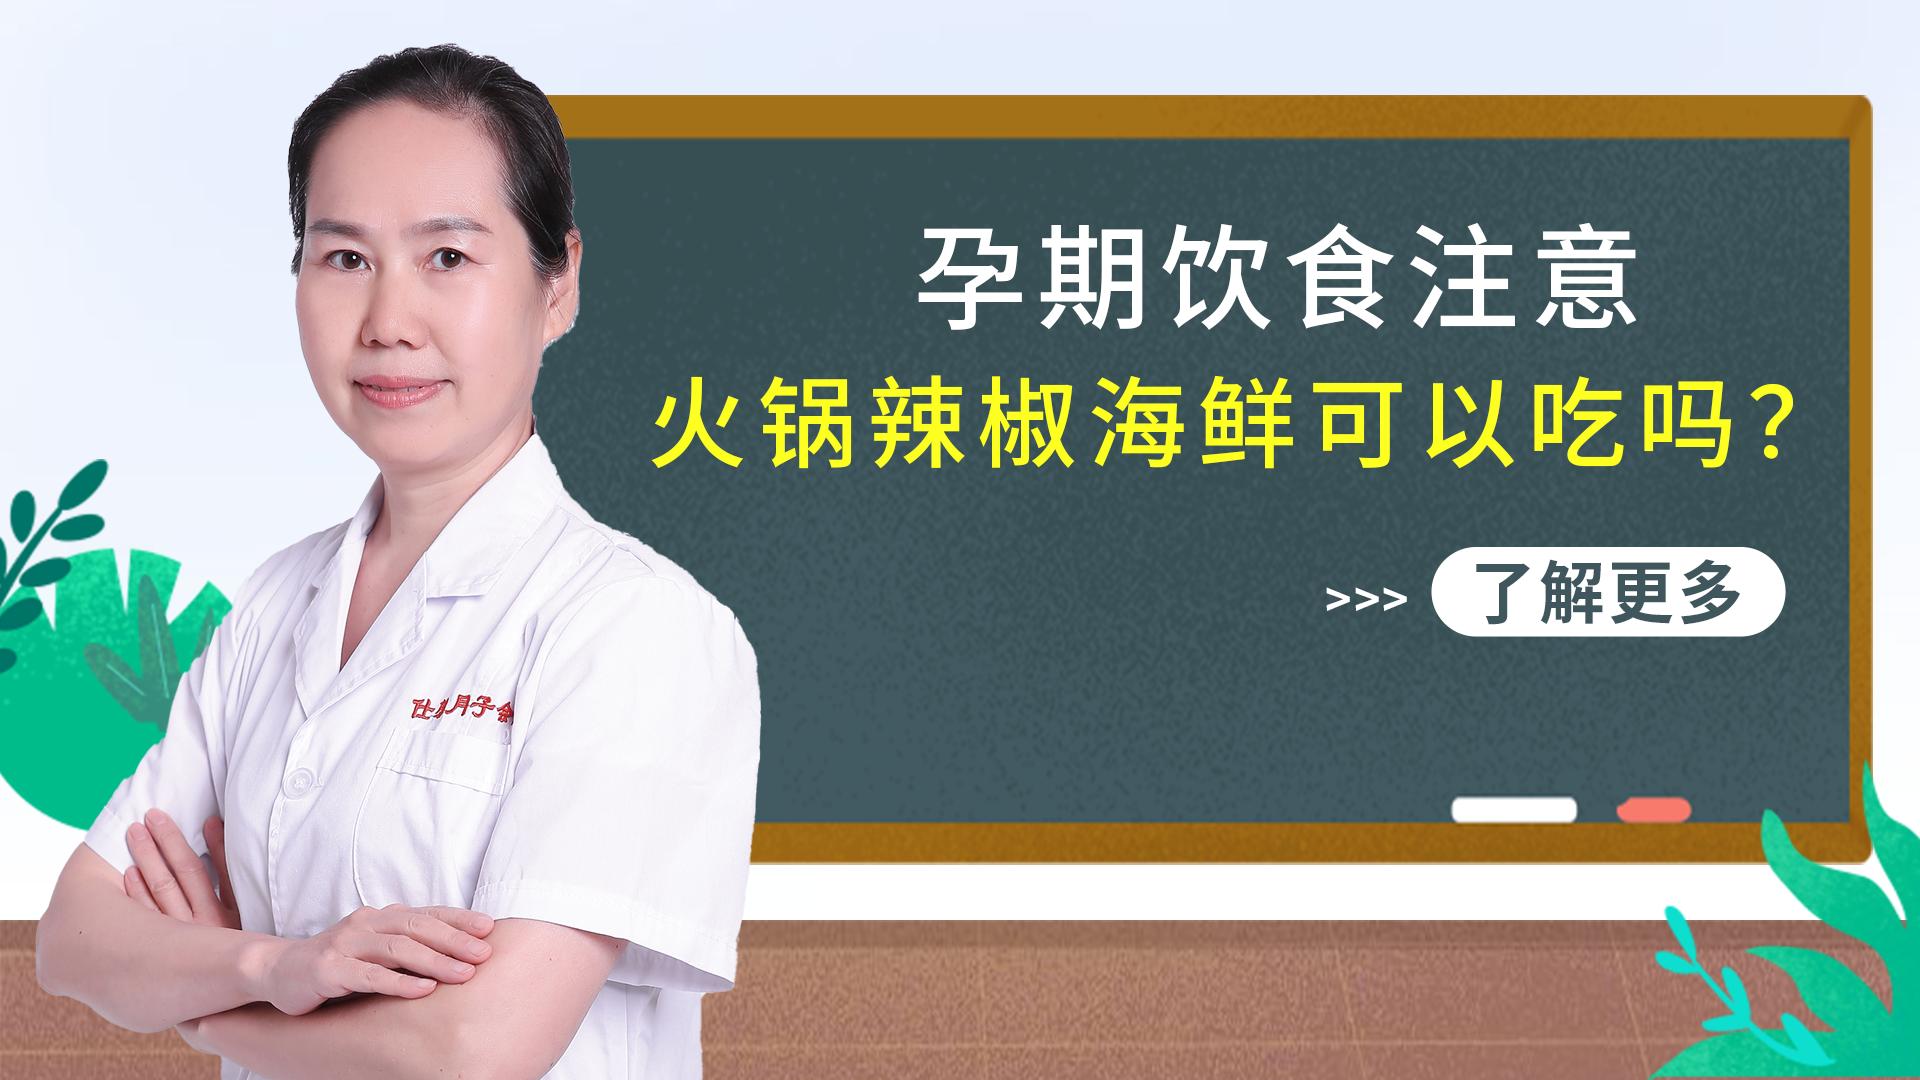 孕期饮食要注意什么?火锅辣椒海鲜可以吃吗?